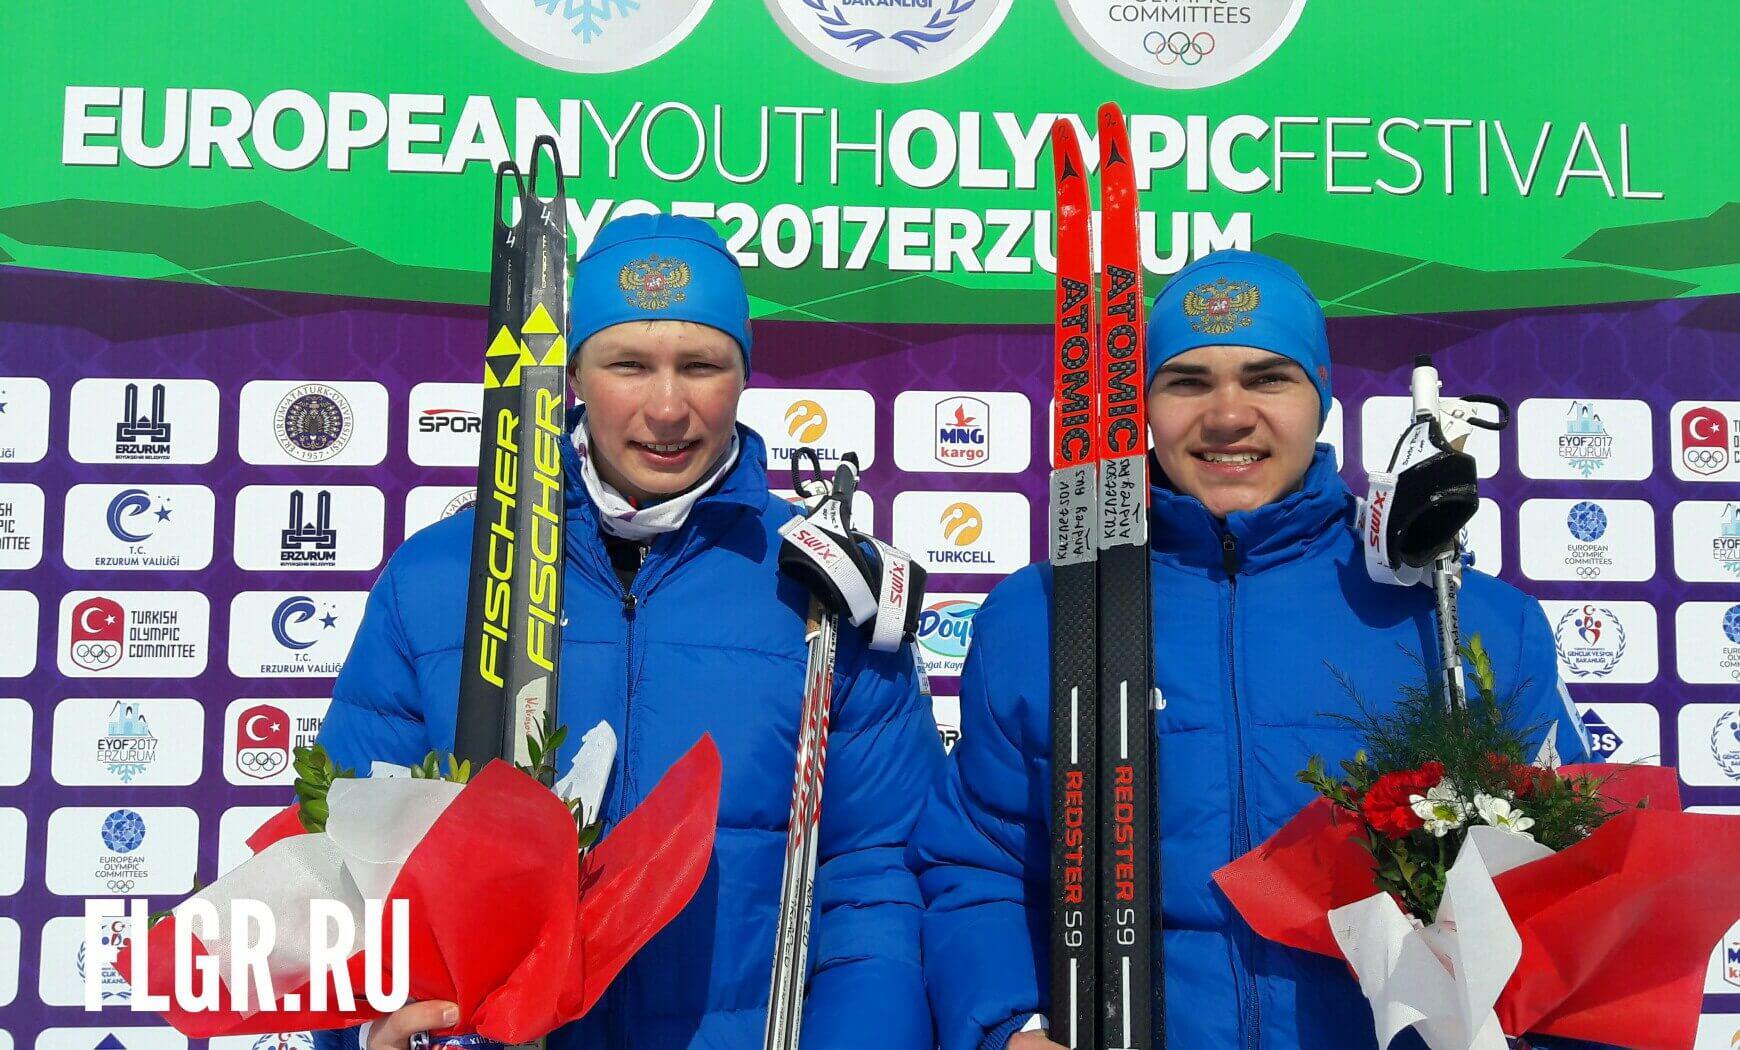 Фото - Андрей Кузнецов. Европейский юношеский Олимпийский фестиваль 2017